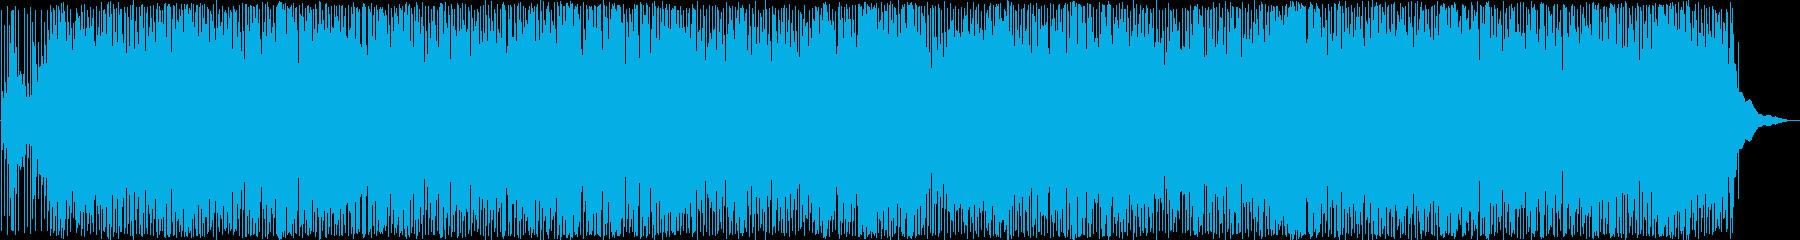 楽しげなカントリーミュージックの再生済みの波形